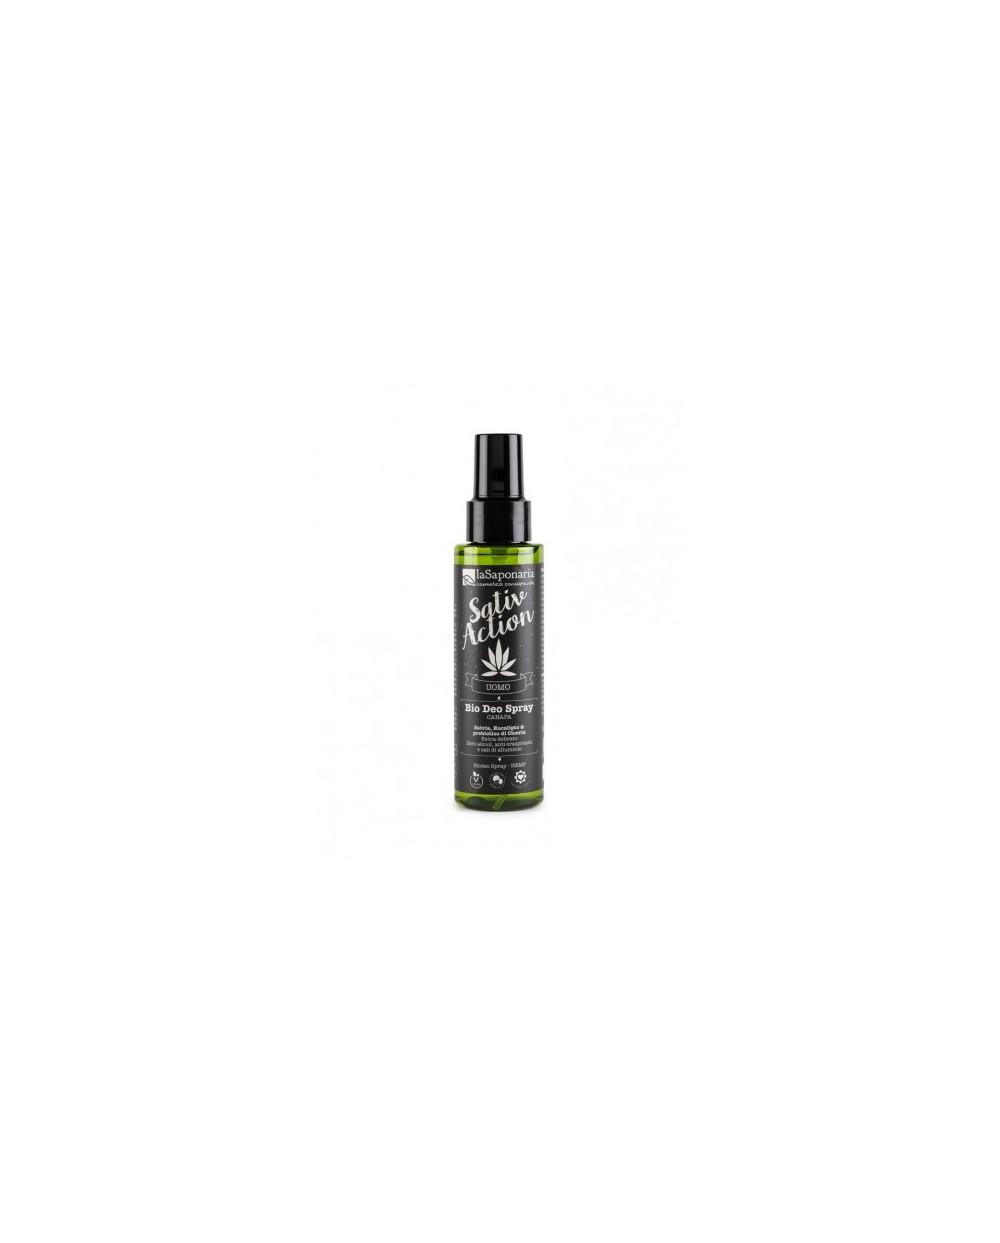 La Saponaria - linea uomo - Biodeo Spray Canapa